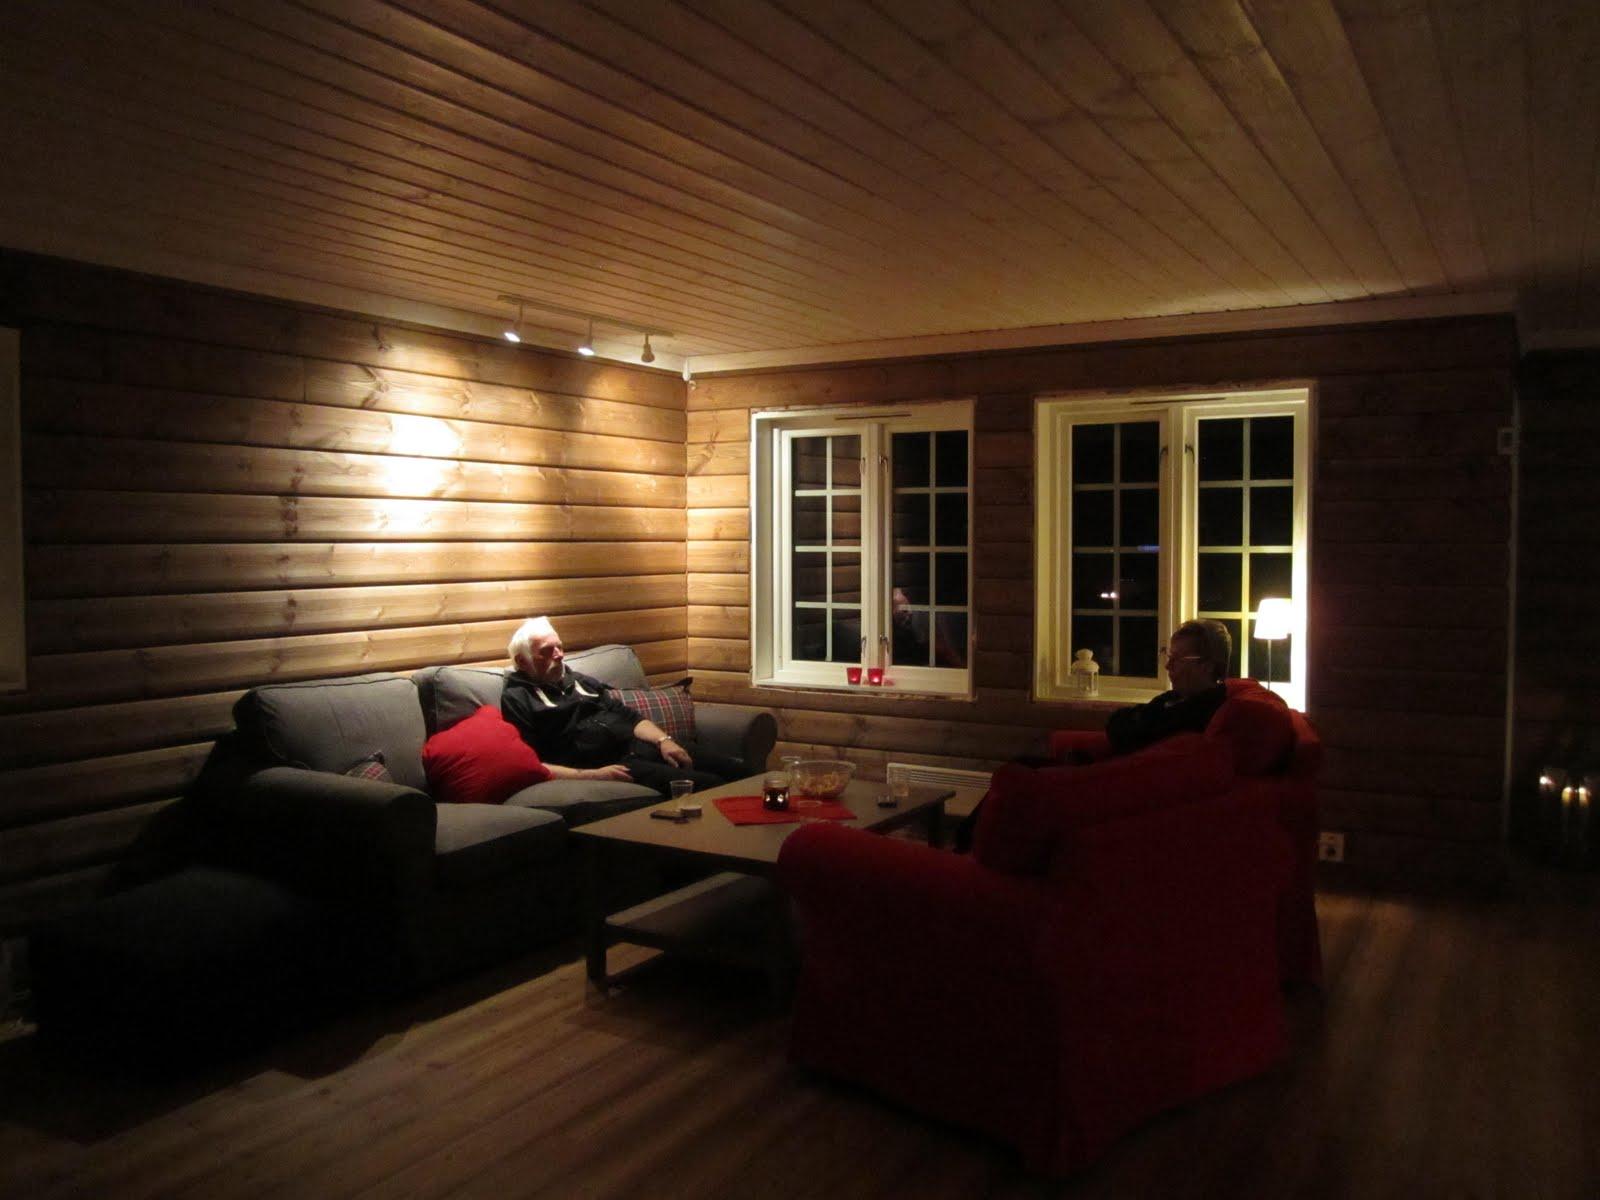 ungdomsrom jenter seng og sofa under